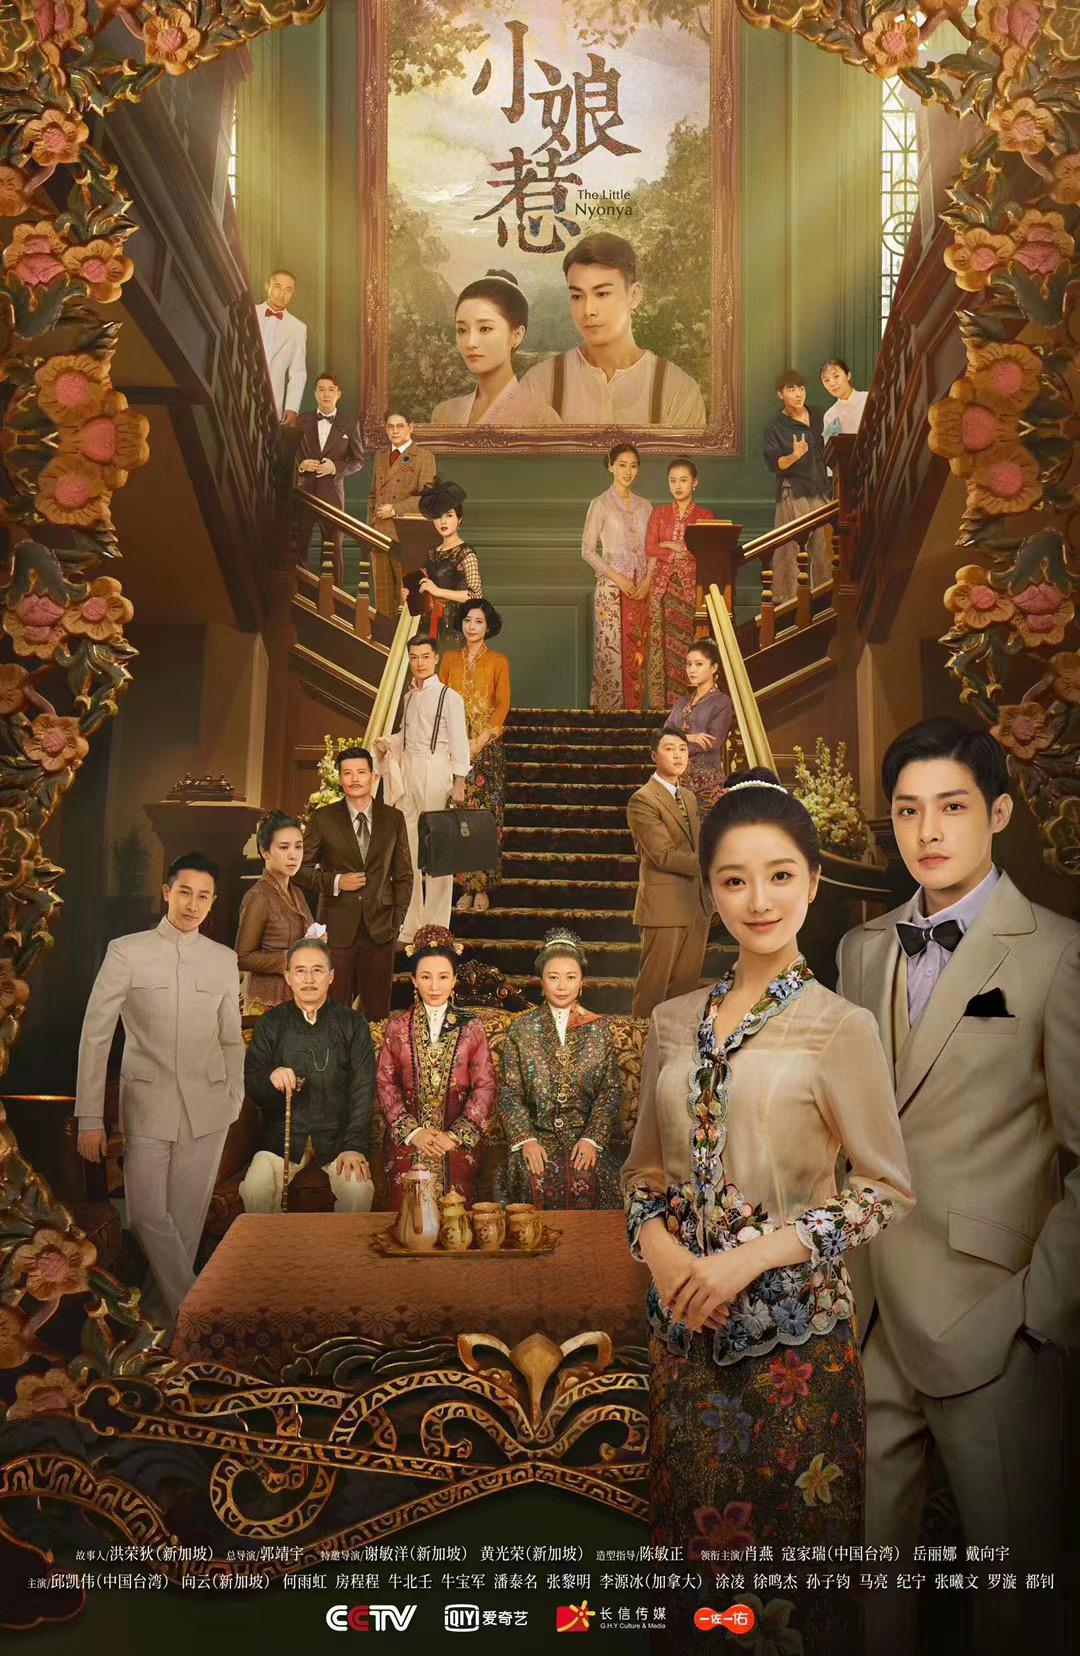 小娘惹电视剧全集在线观看  央视电视剧频道(CCTV-8)正式首播